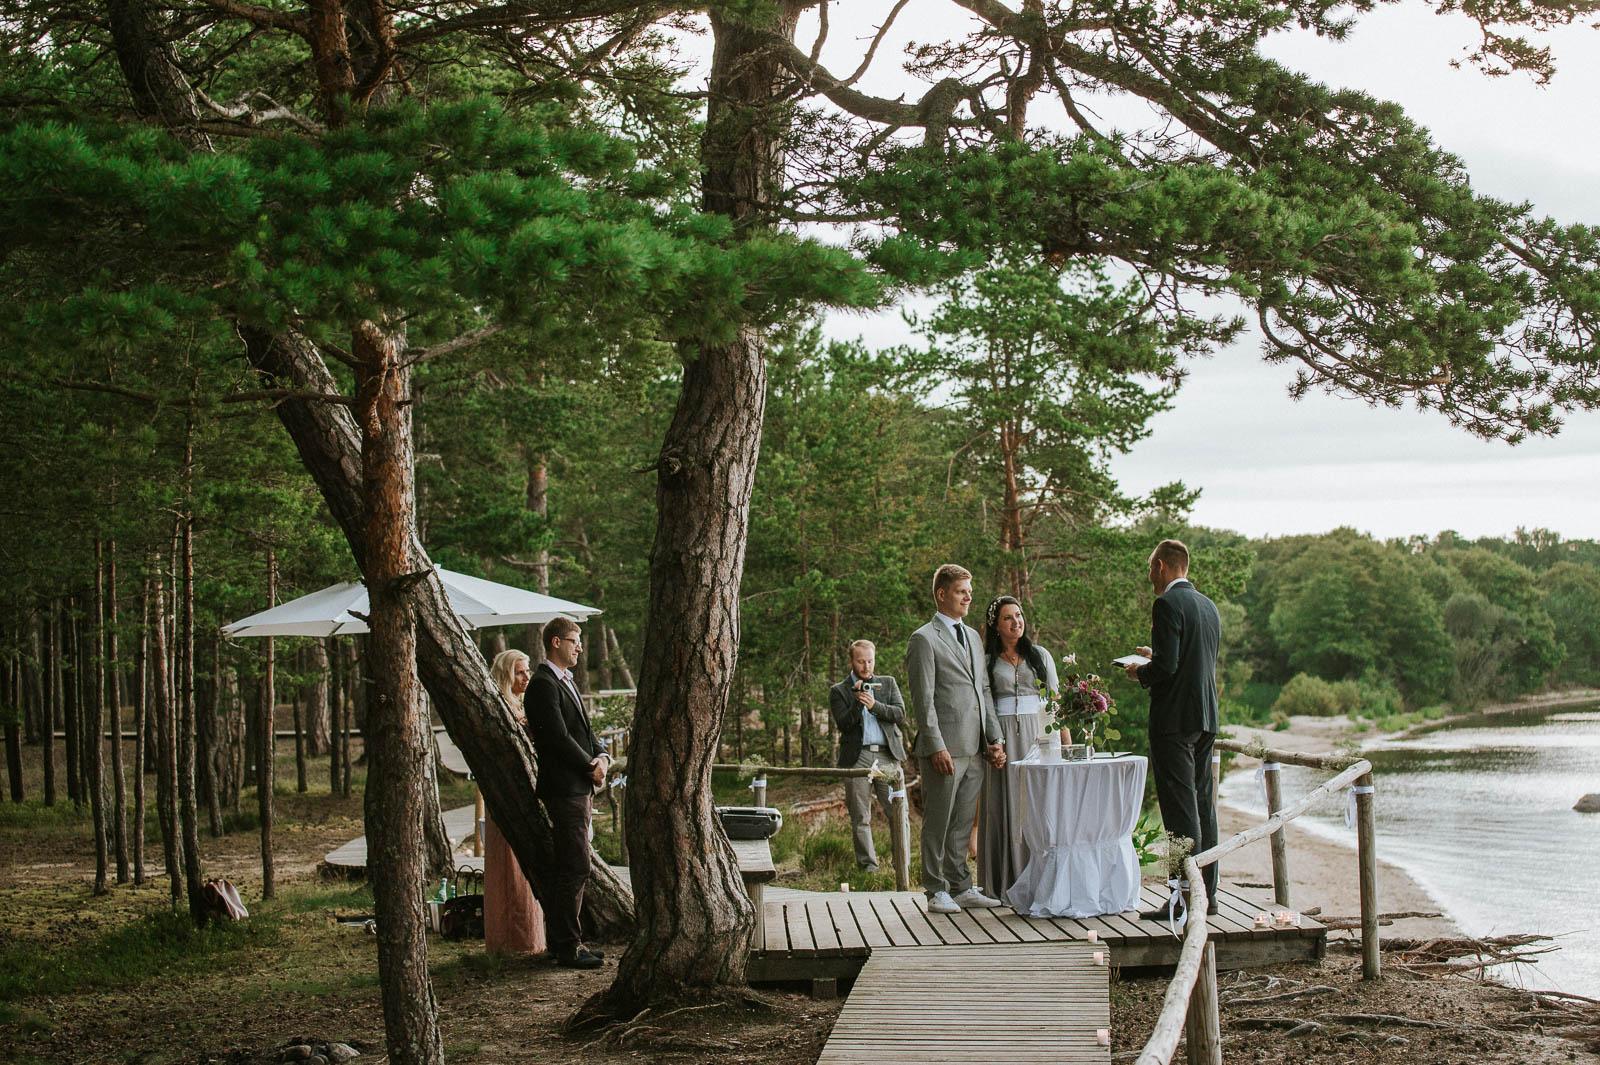 mari-liis-rannes-wedding-pulm-pulmafotograaf-mait-juriado-32